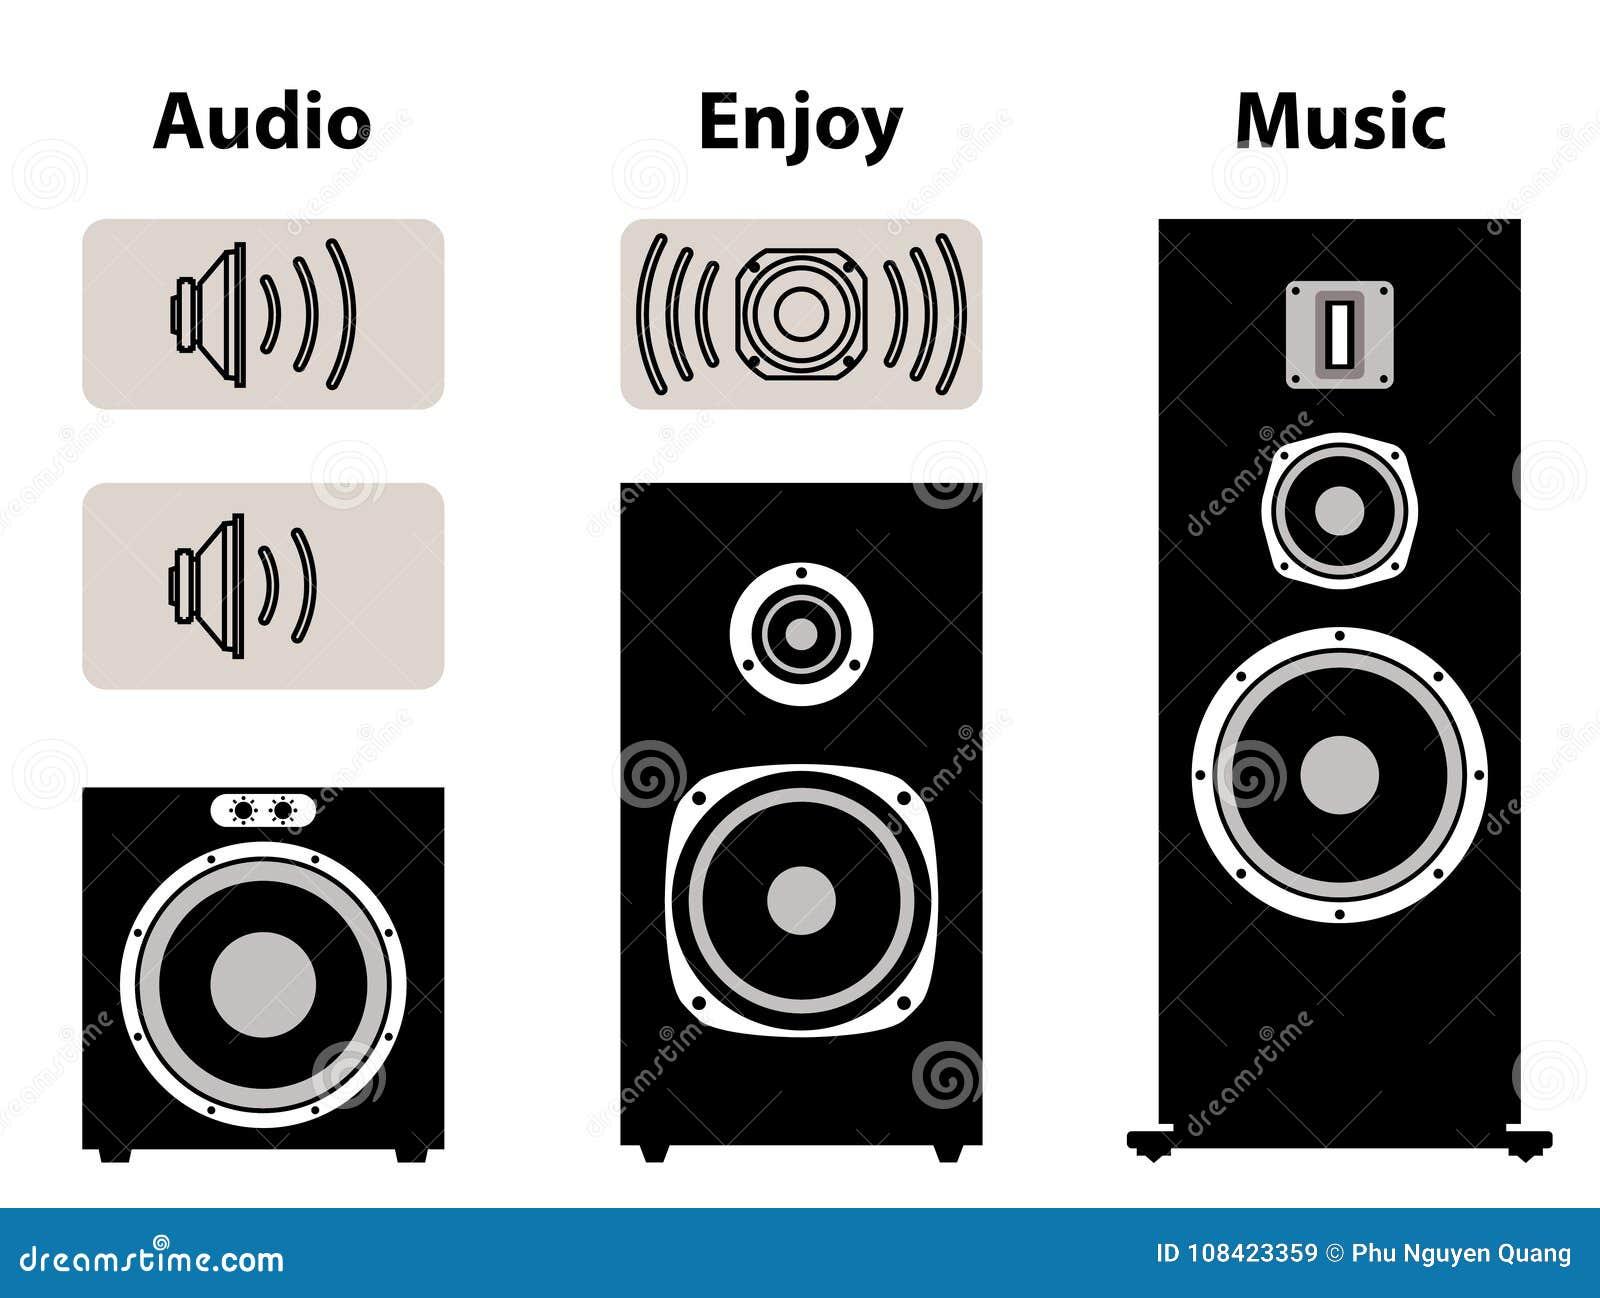 Audio Equipment With Volume Symbol  Speaker And Speaker